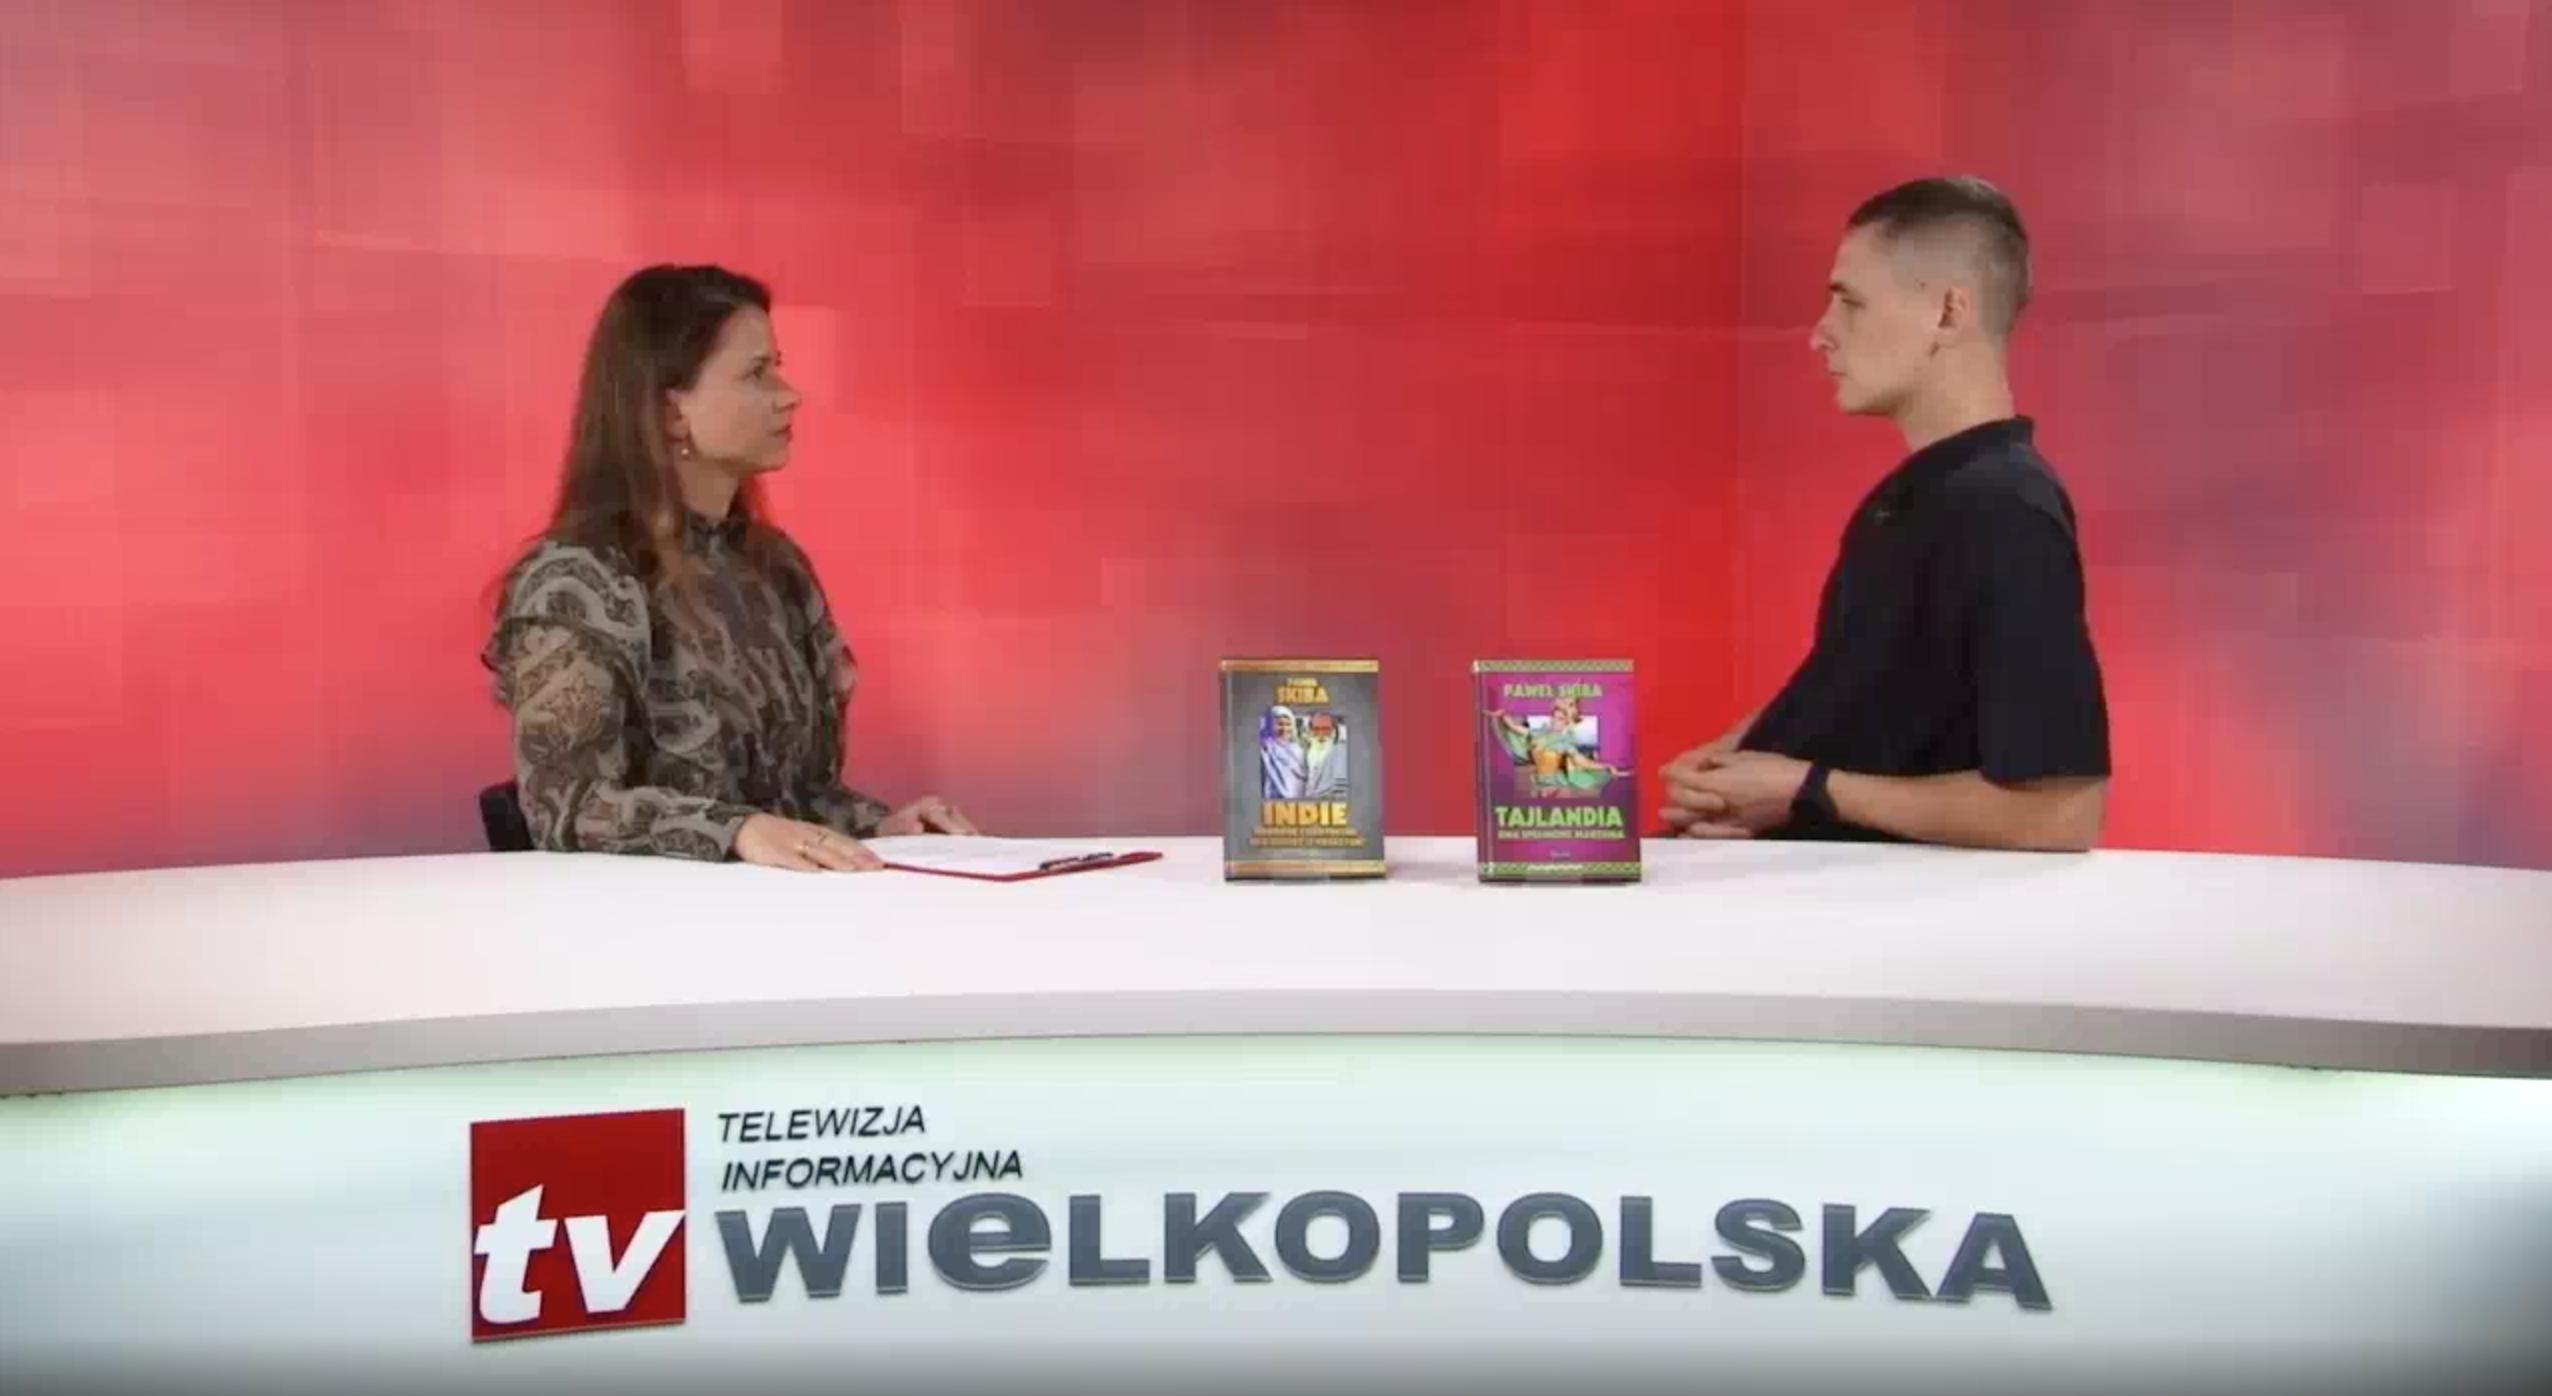 TV Wielkopolska -W Cztery Oczy - Paweł Skiba